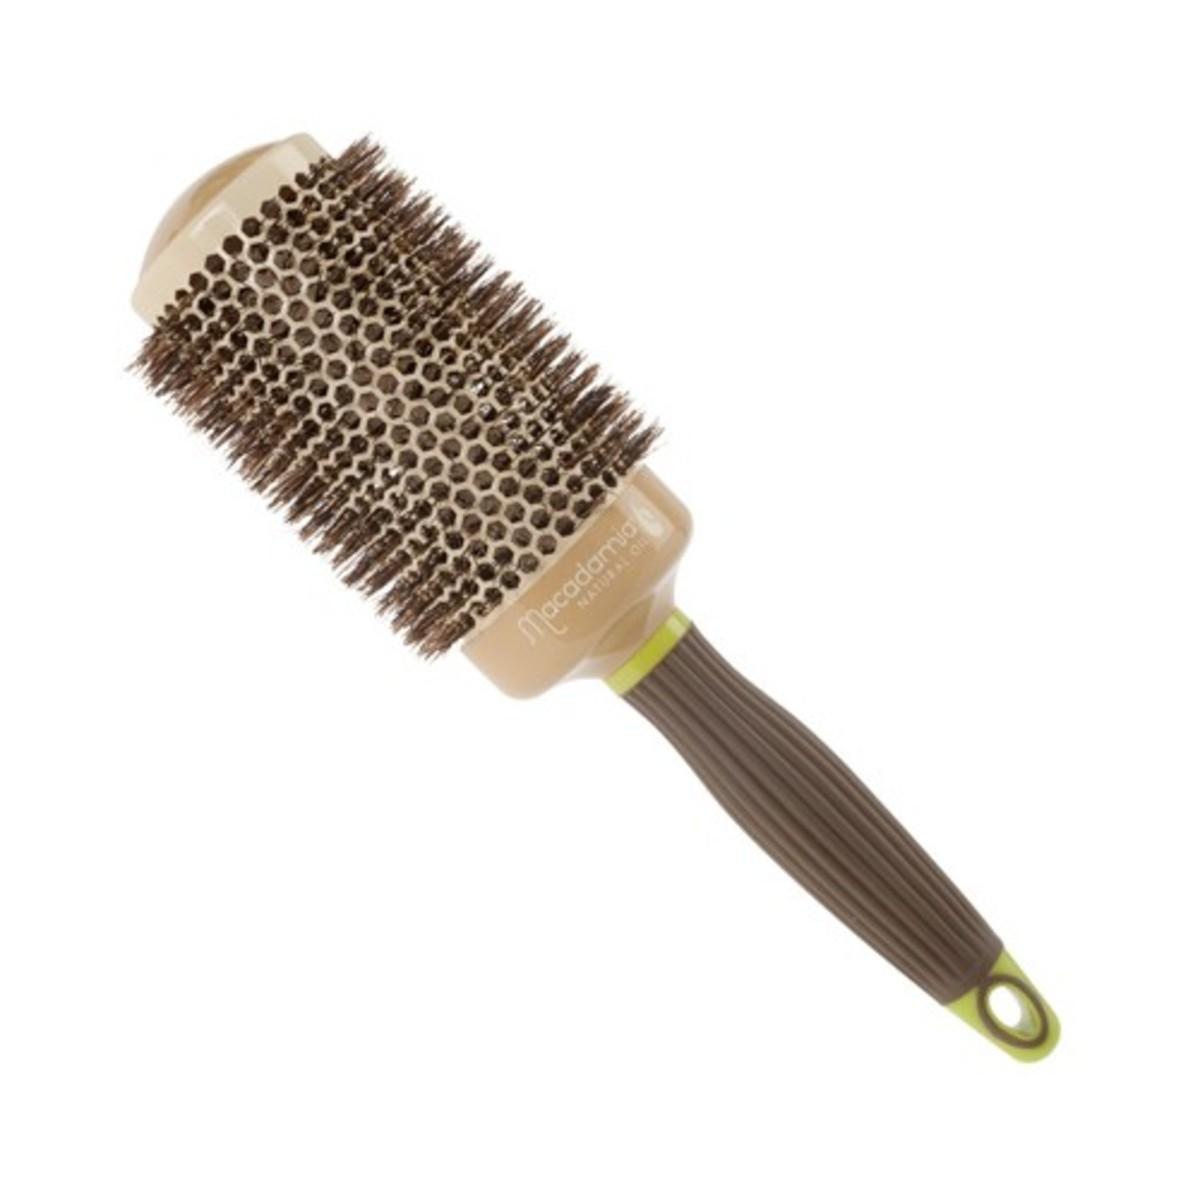 Macadamia Natural Oil Hot Curling Boar Brush